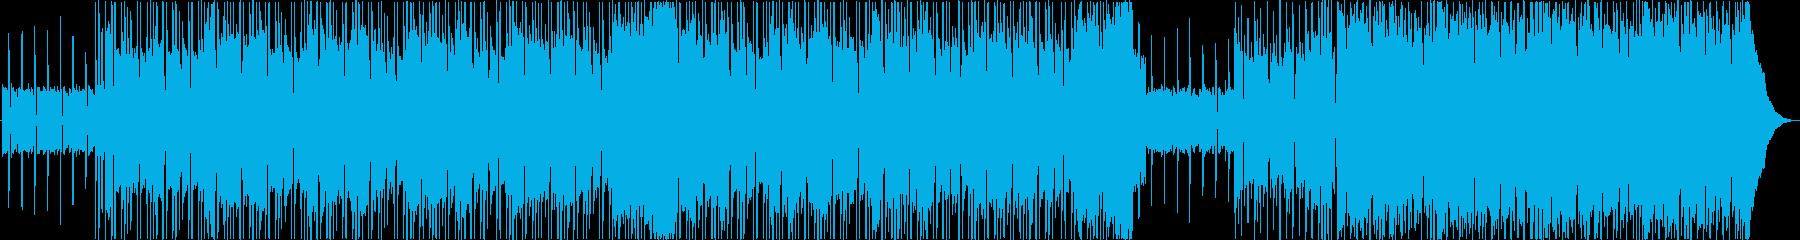 洋楽風のファンキーでお洒落インディロックの再生済みの波形